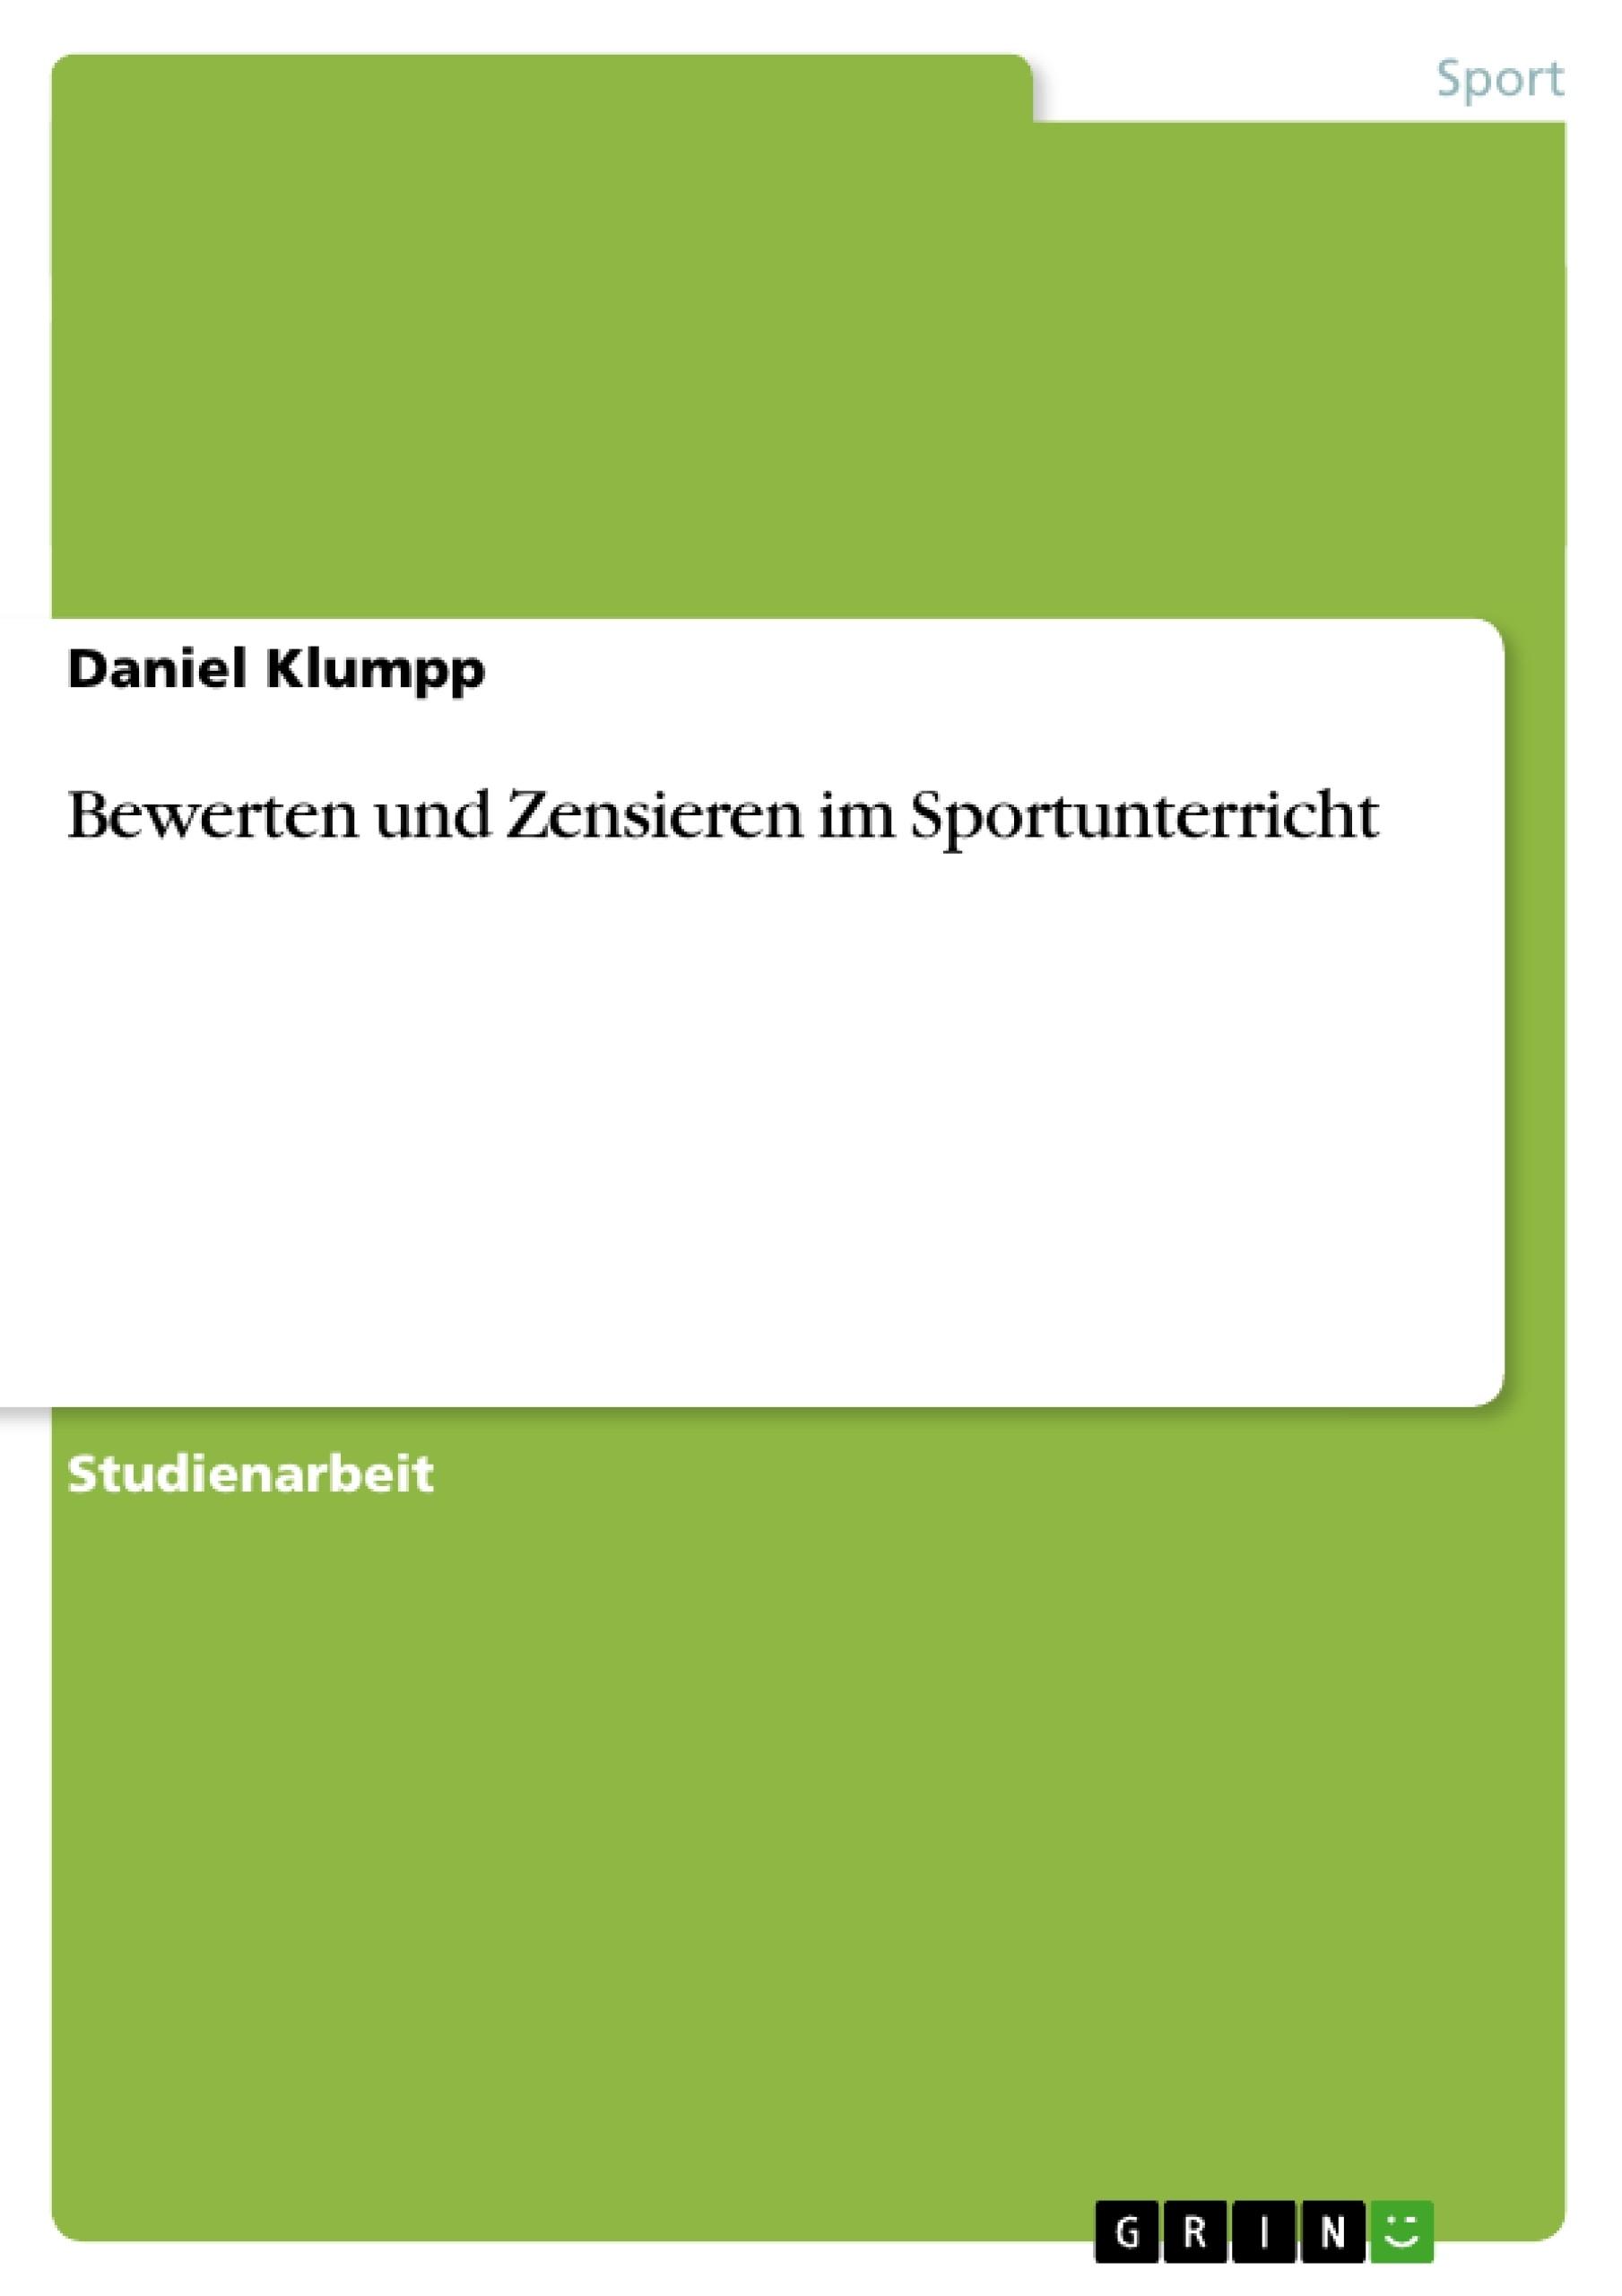 Titel: Bewerten und Zensieren im Sportunterricht